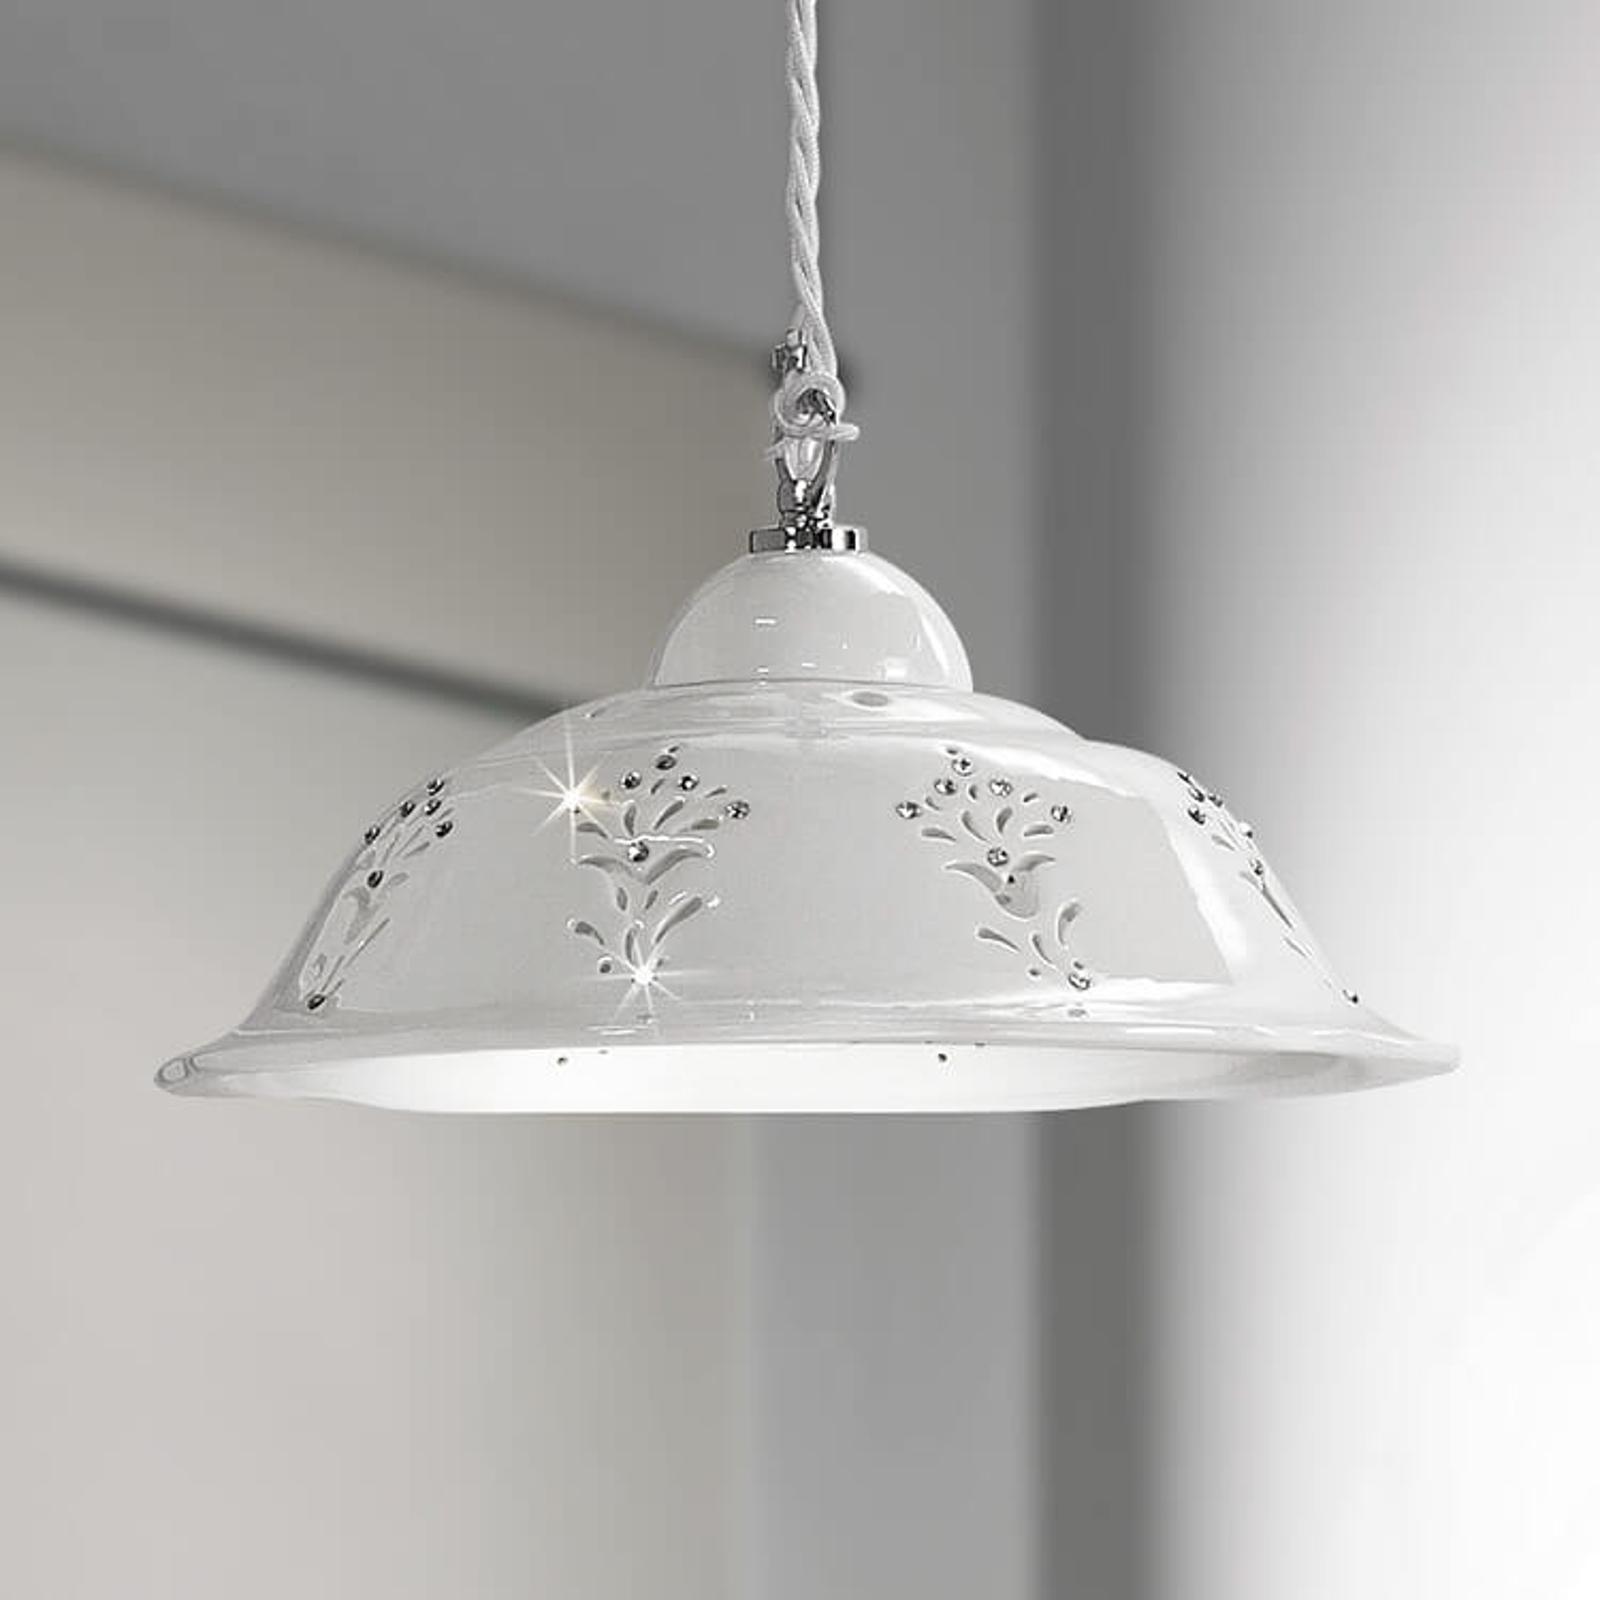 Kształtna ceramiczna lampa wisząca Guiliano